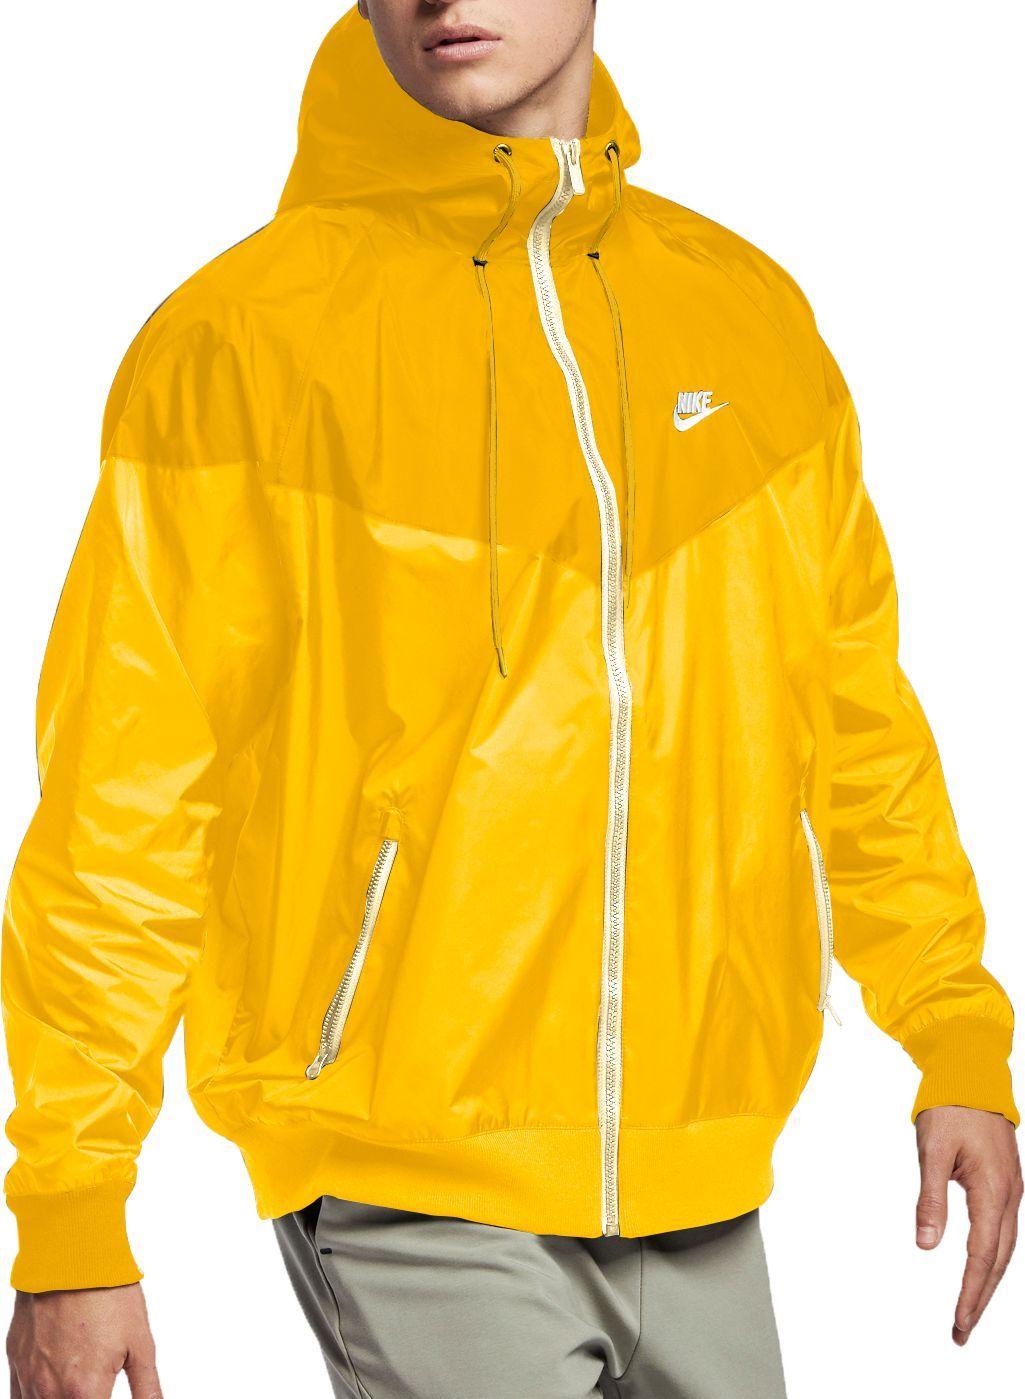 club ella es Testificar  chaquetas nike hombre amarillo Hombre Mujer niños - Envío gratis y entrega  rápida, ¡Ahorros garantizados y stock permanente!